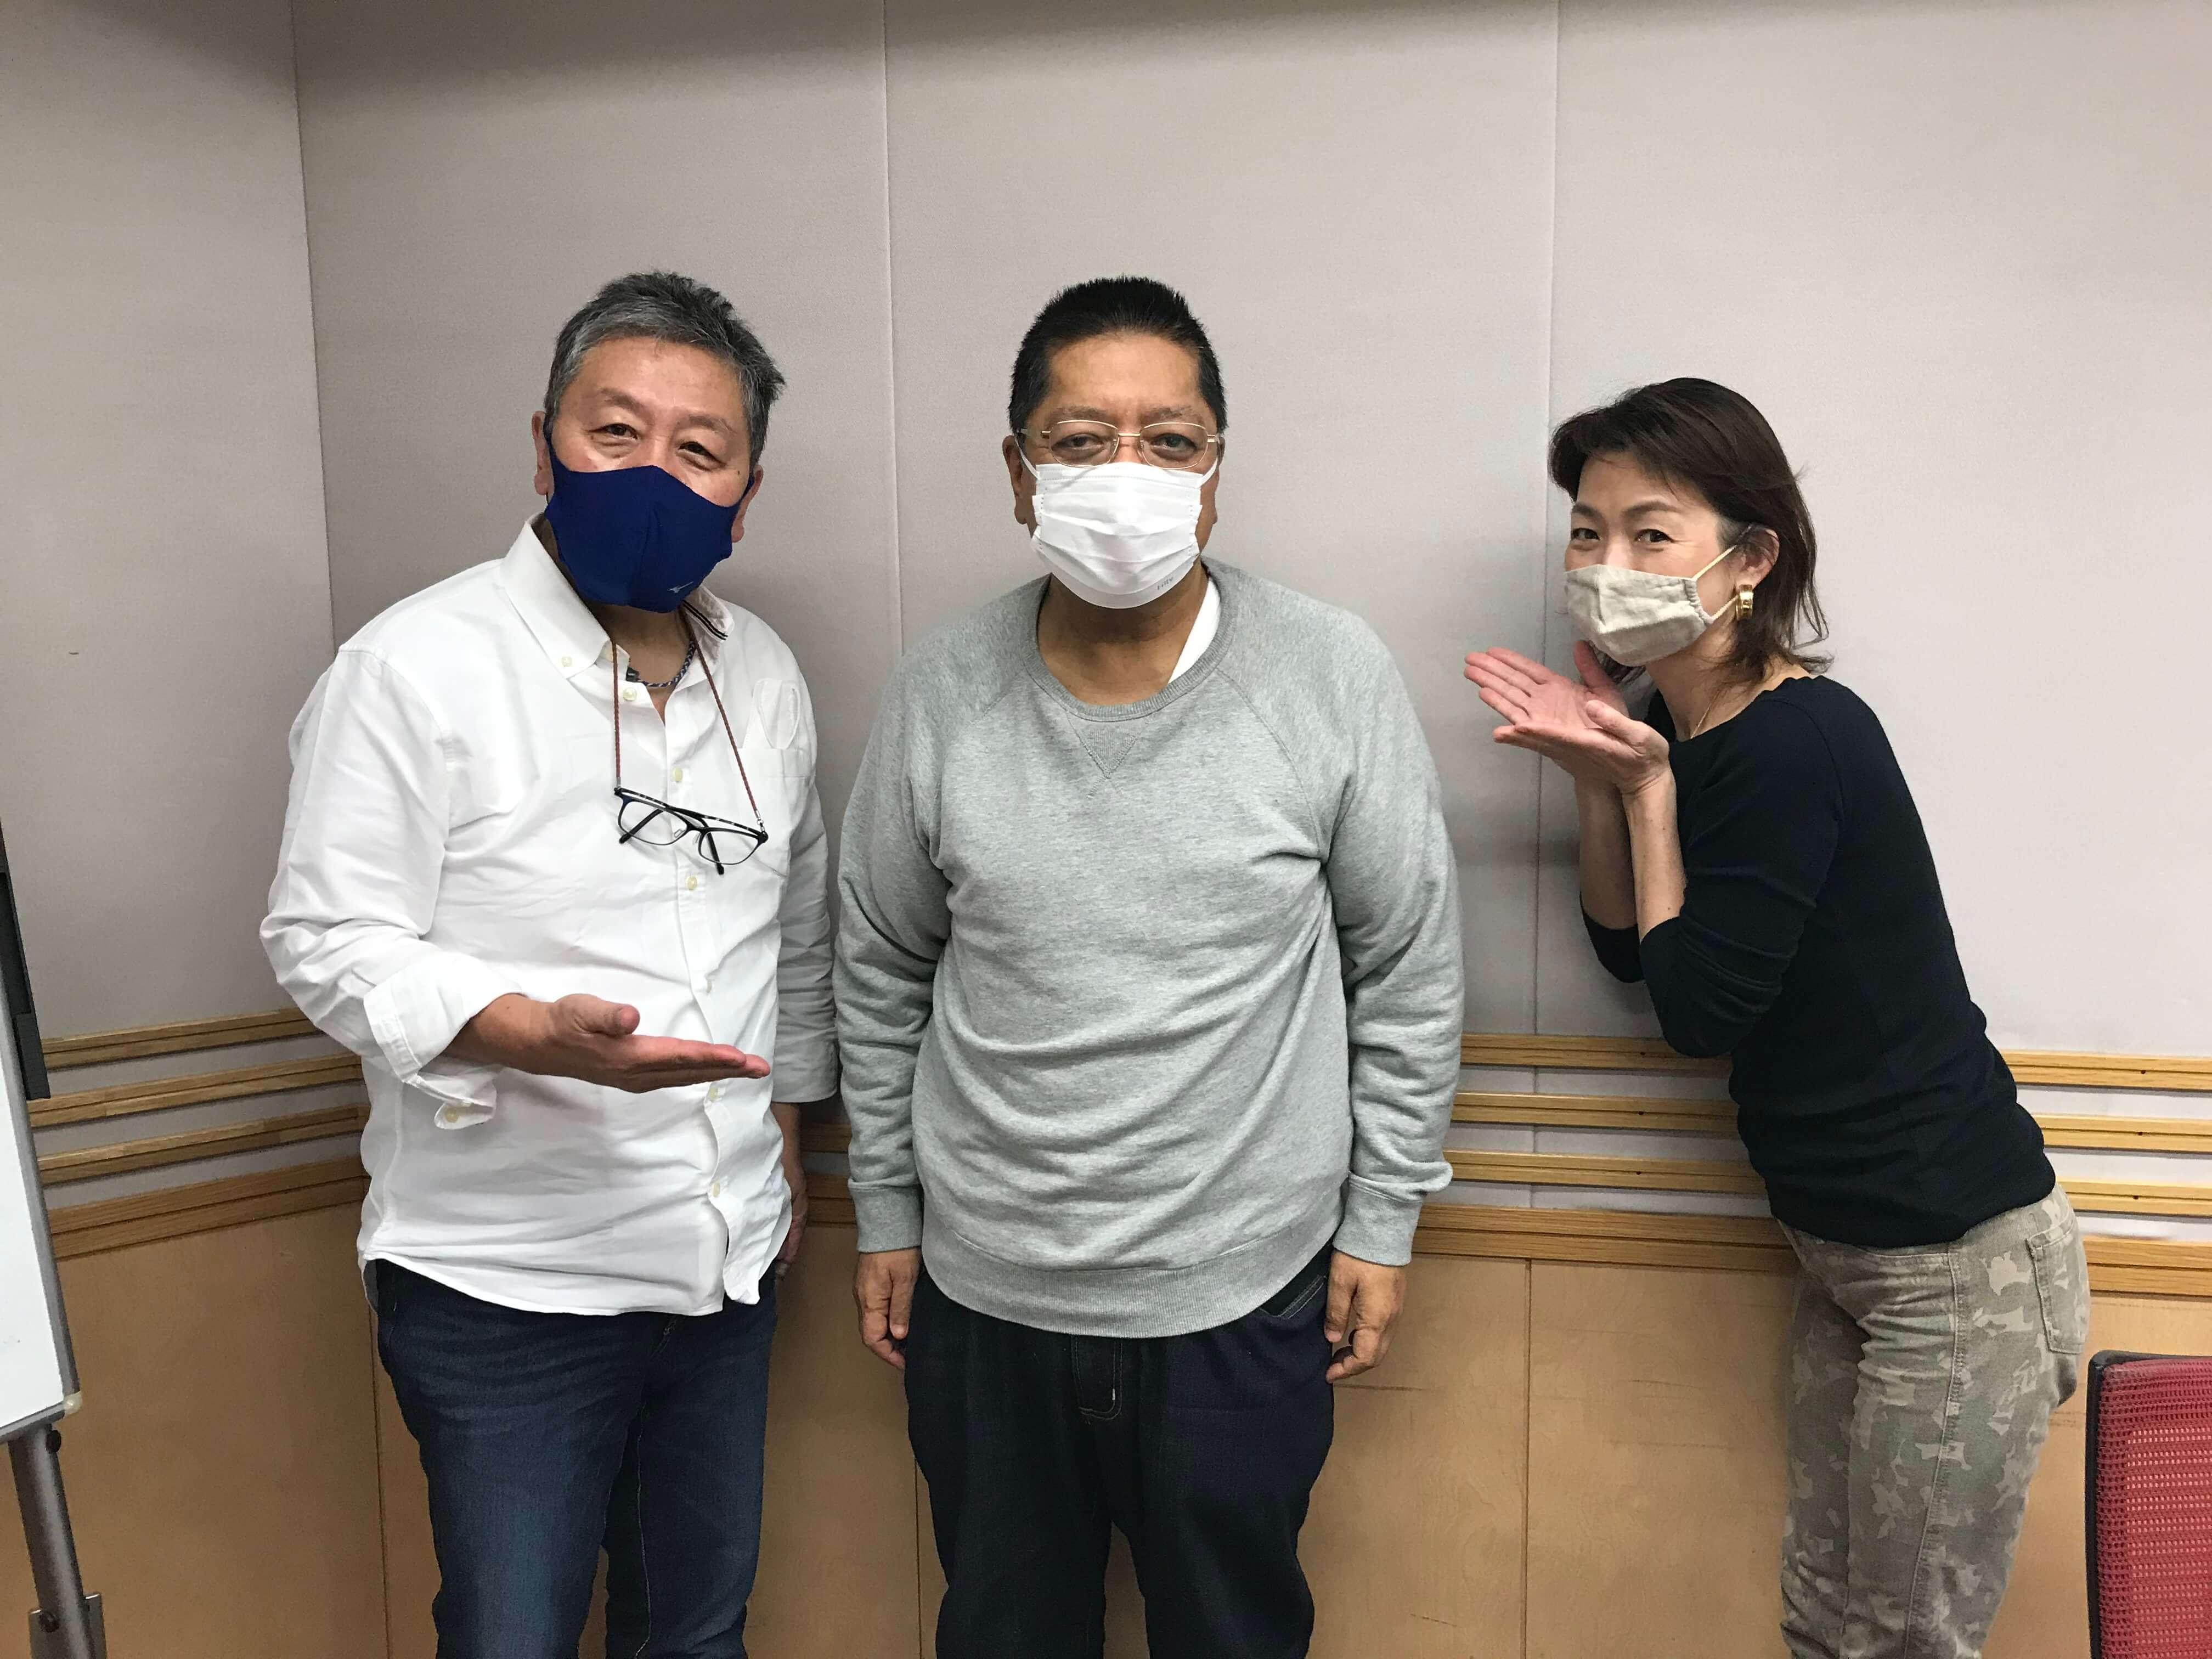 私が外務省職員になったワケ、佐藤優さんが学生時代の夢とは違う道に進んだ意外な理由~10月22日「くにまるジャパン極」